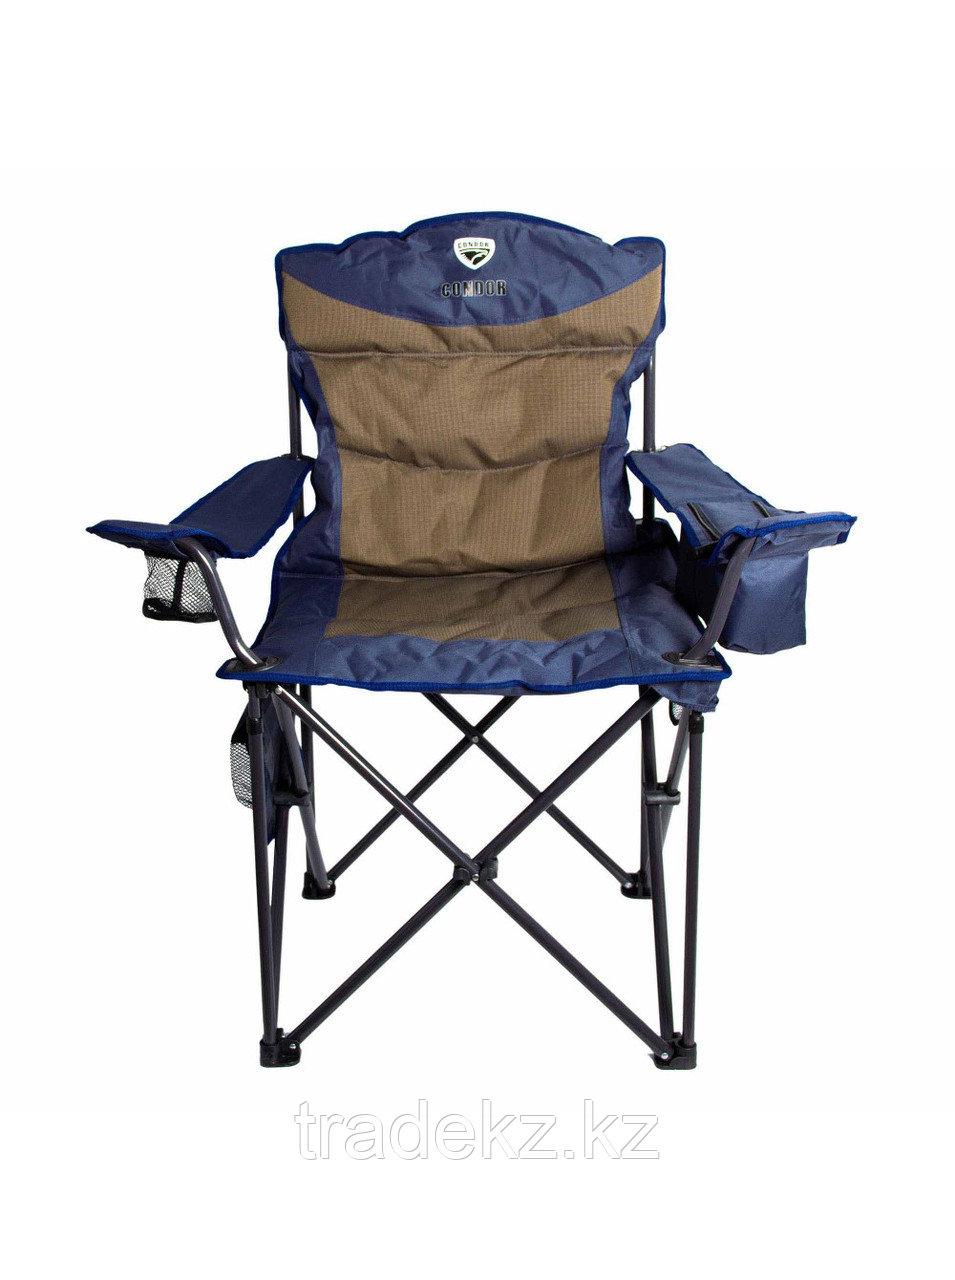 Кресло складное кемпинговое с изотермическим карманом Condor APL-LB303